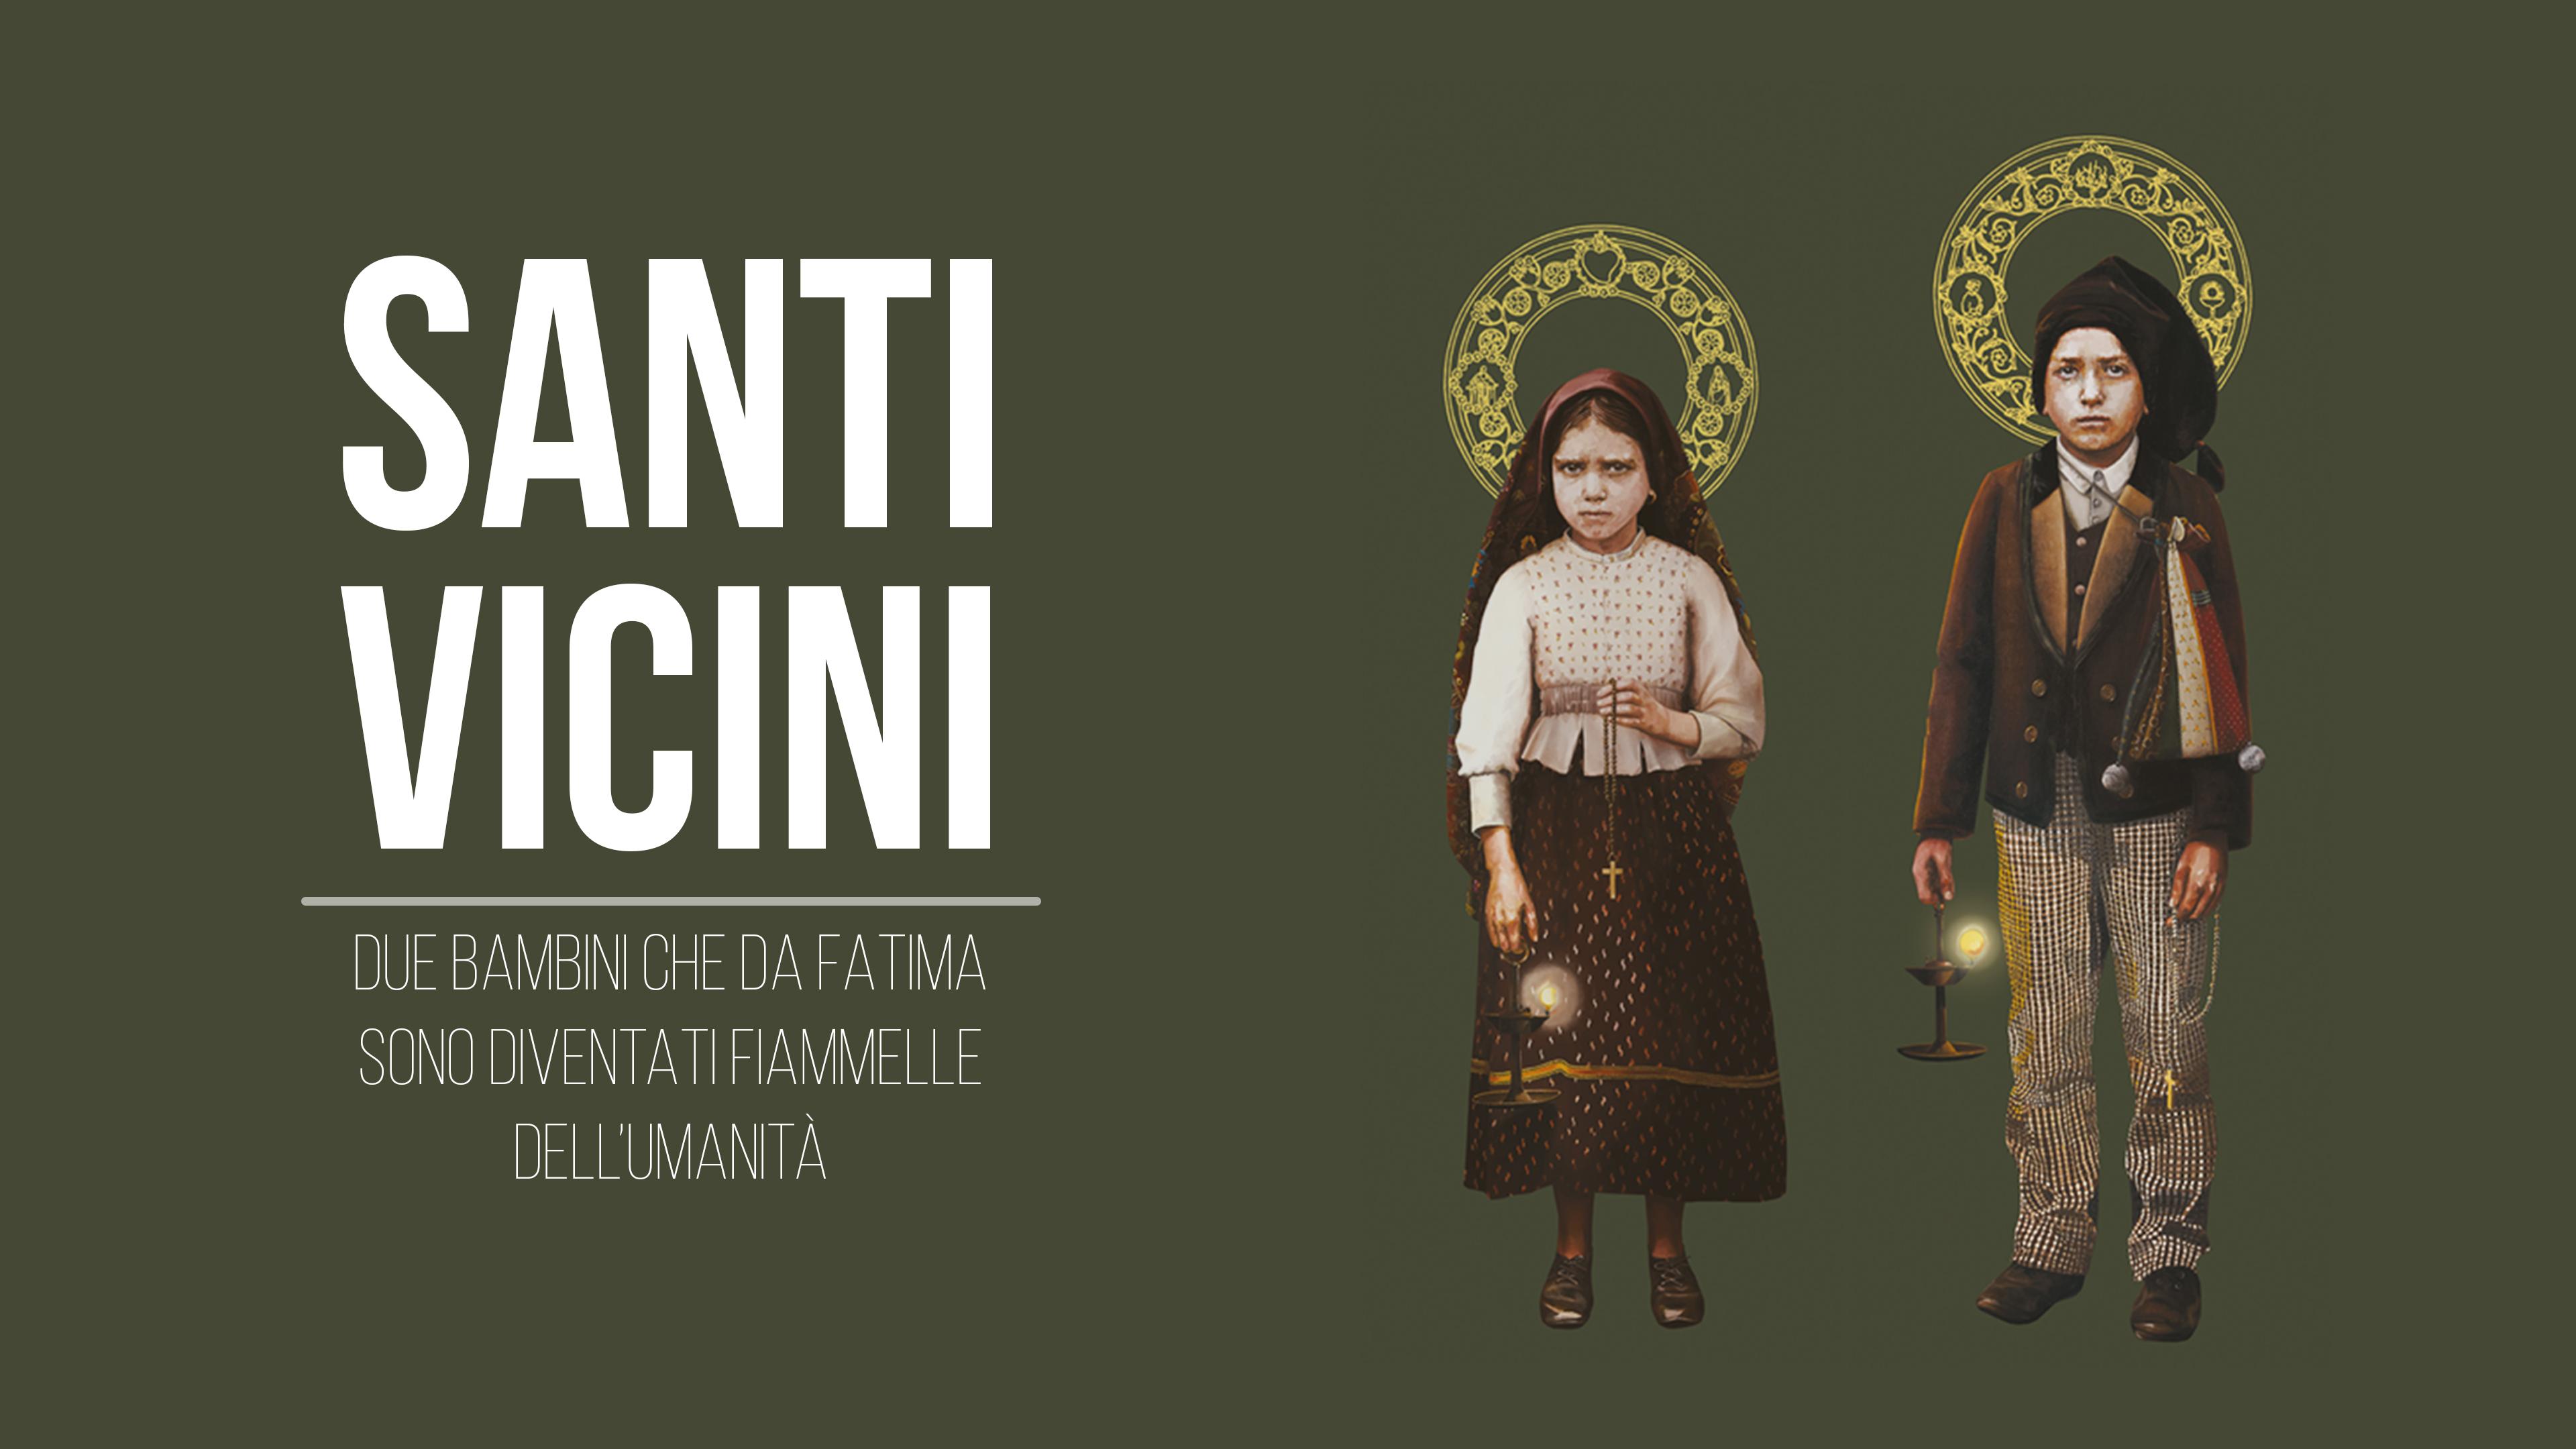 SANTI_VICINI_Poster_3840x2160_localizzata.jpg